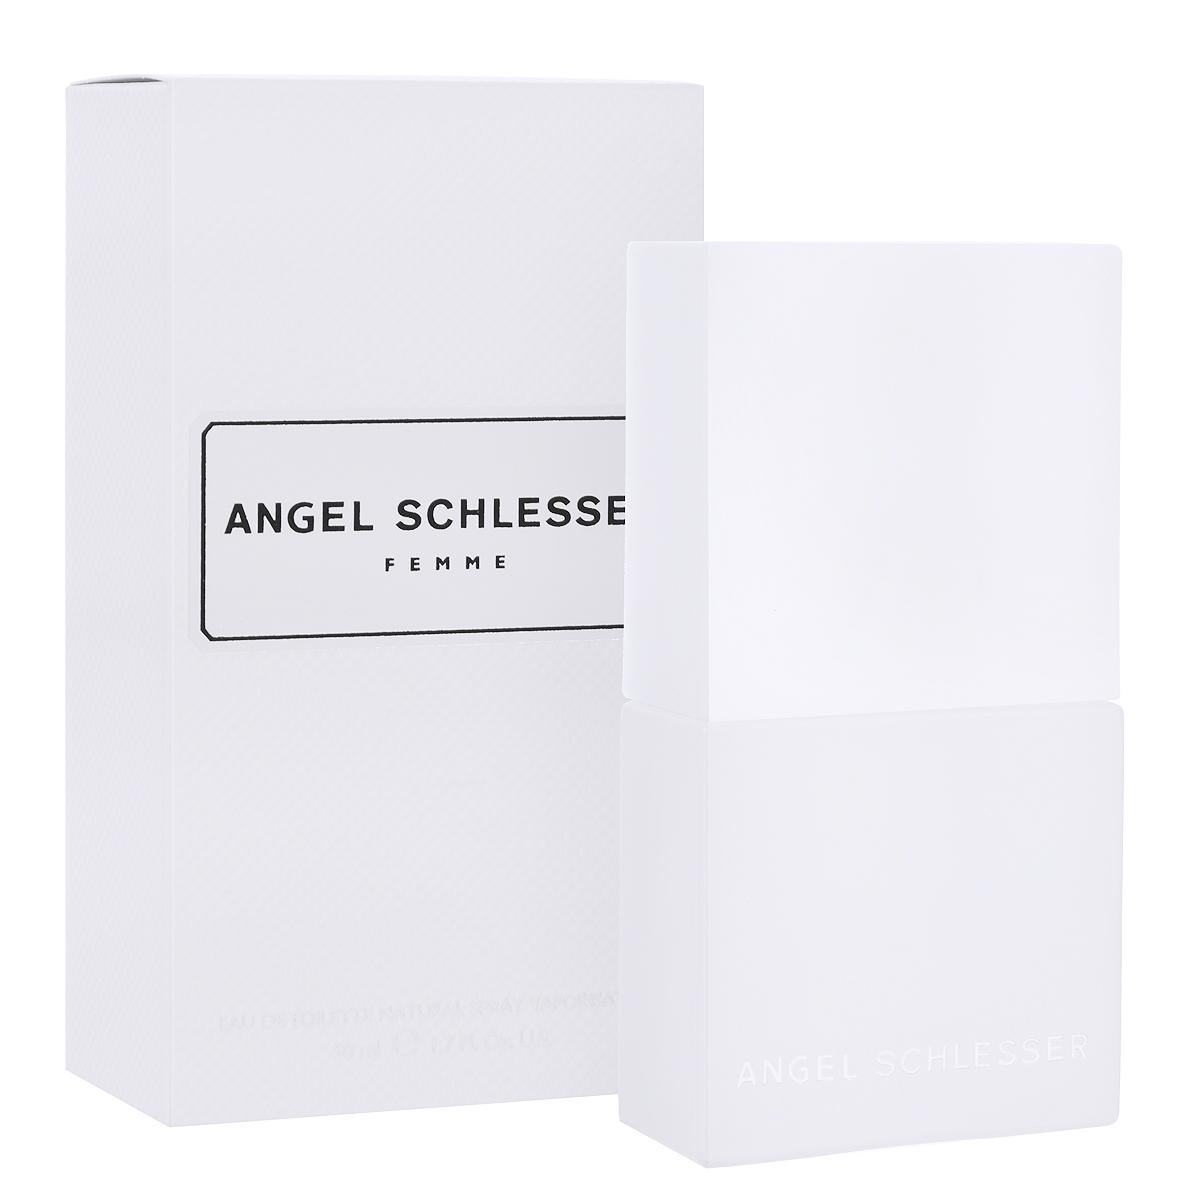 Angel Schlesser Туалетная вода Femme, женская, 50 мл44972Женский аромат Femme от Angel Schlesser прекрасно подойдет современным девушкам и женщинам, которые следят за новинками в мире моды и парфюмерии. Создатель аромата - один из самых знаменитых носов Альберто Мориллас. Прозрачность и яркость - абстрактные понятия, но благодаря молекуле второго поколения Гедиону, усиливающей степень и объем распространения аромата, парфюмеру удалось воплотить их в уникальной формуле, удивительно непохожей на другие, соблазнительной и разоблачающей. Классификация аромата : цветочный, цитрусовый. Пирамида аромата : Верхние ноты: бергамот, мандарин, нероли, корень можжевельника. Ноты сердца: лепестки ландыша, Гедион, зеленый и красный перец. Ноты шлейфа: кардамон, шалфей, белый мускус. Ключевые слова свежий, элегантный, чувственный! Туалетная вода - один из самых популярных видов парфюмерной продукции. Туалетная вода ...